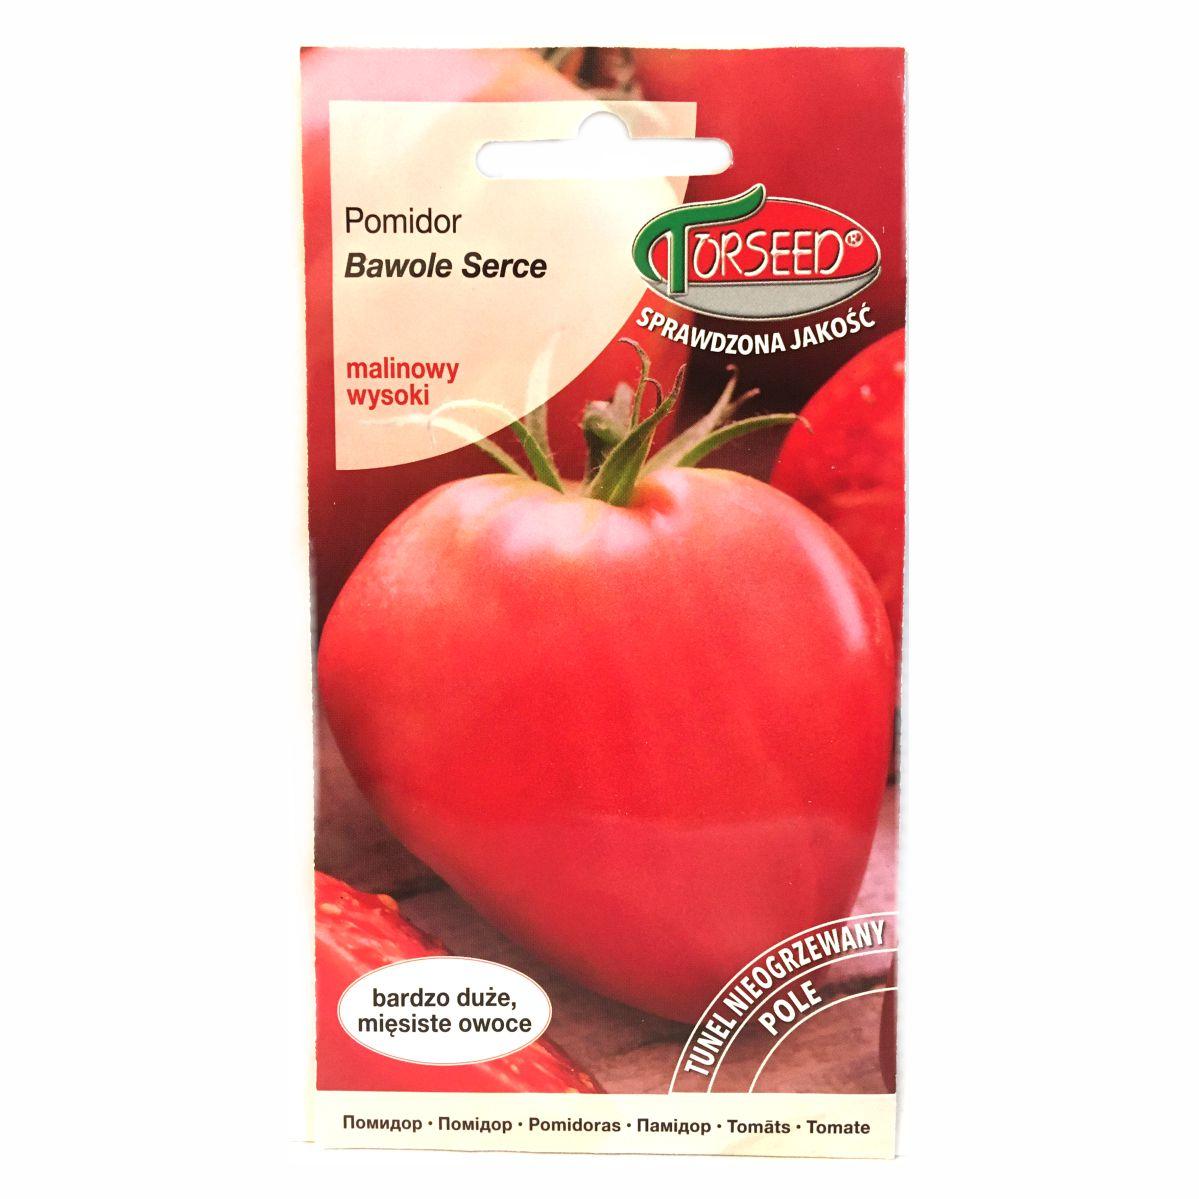 Pomidor Bawole Serce nasiona Torseed